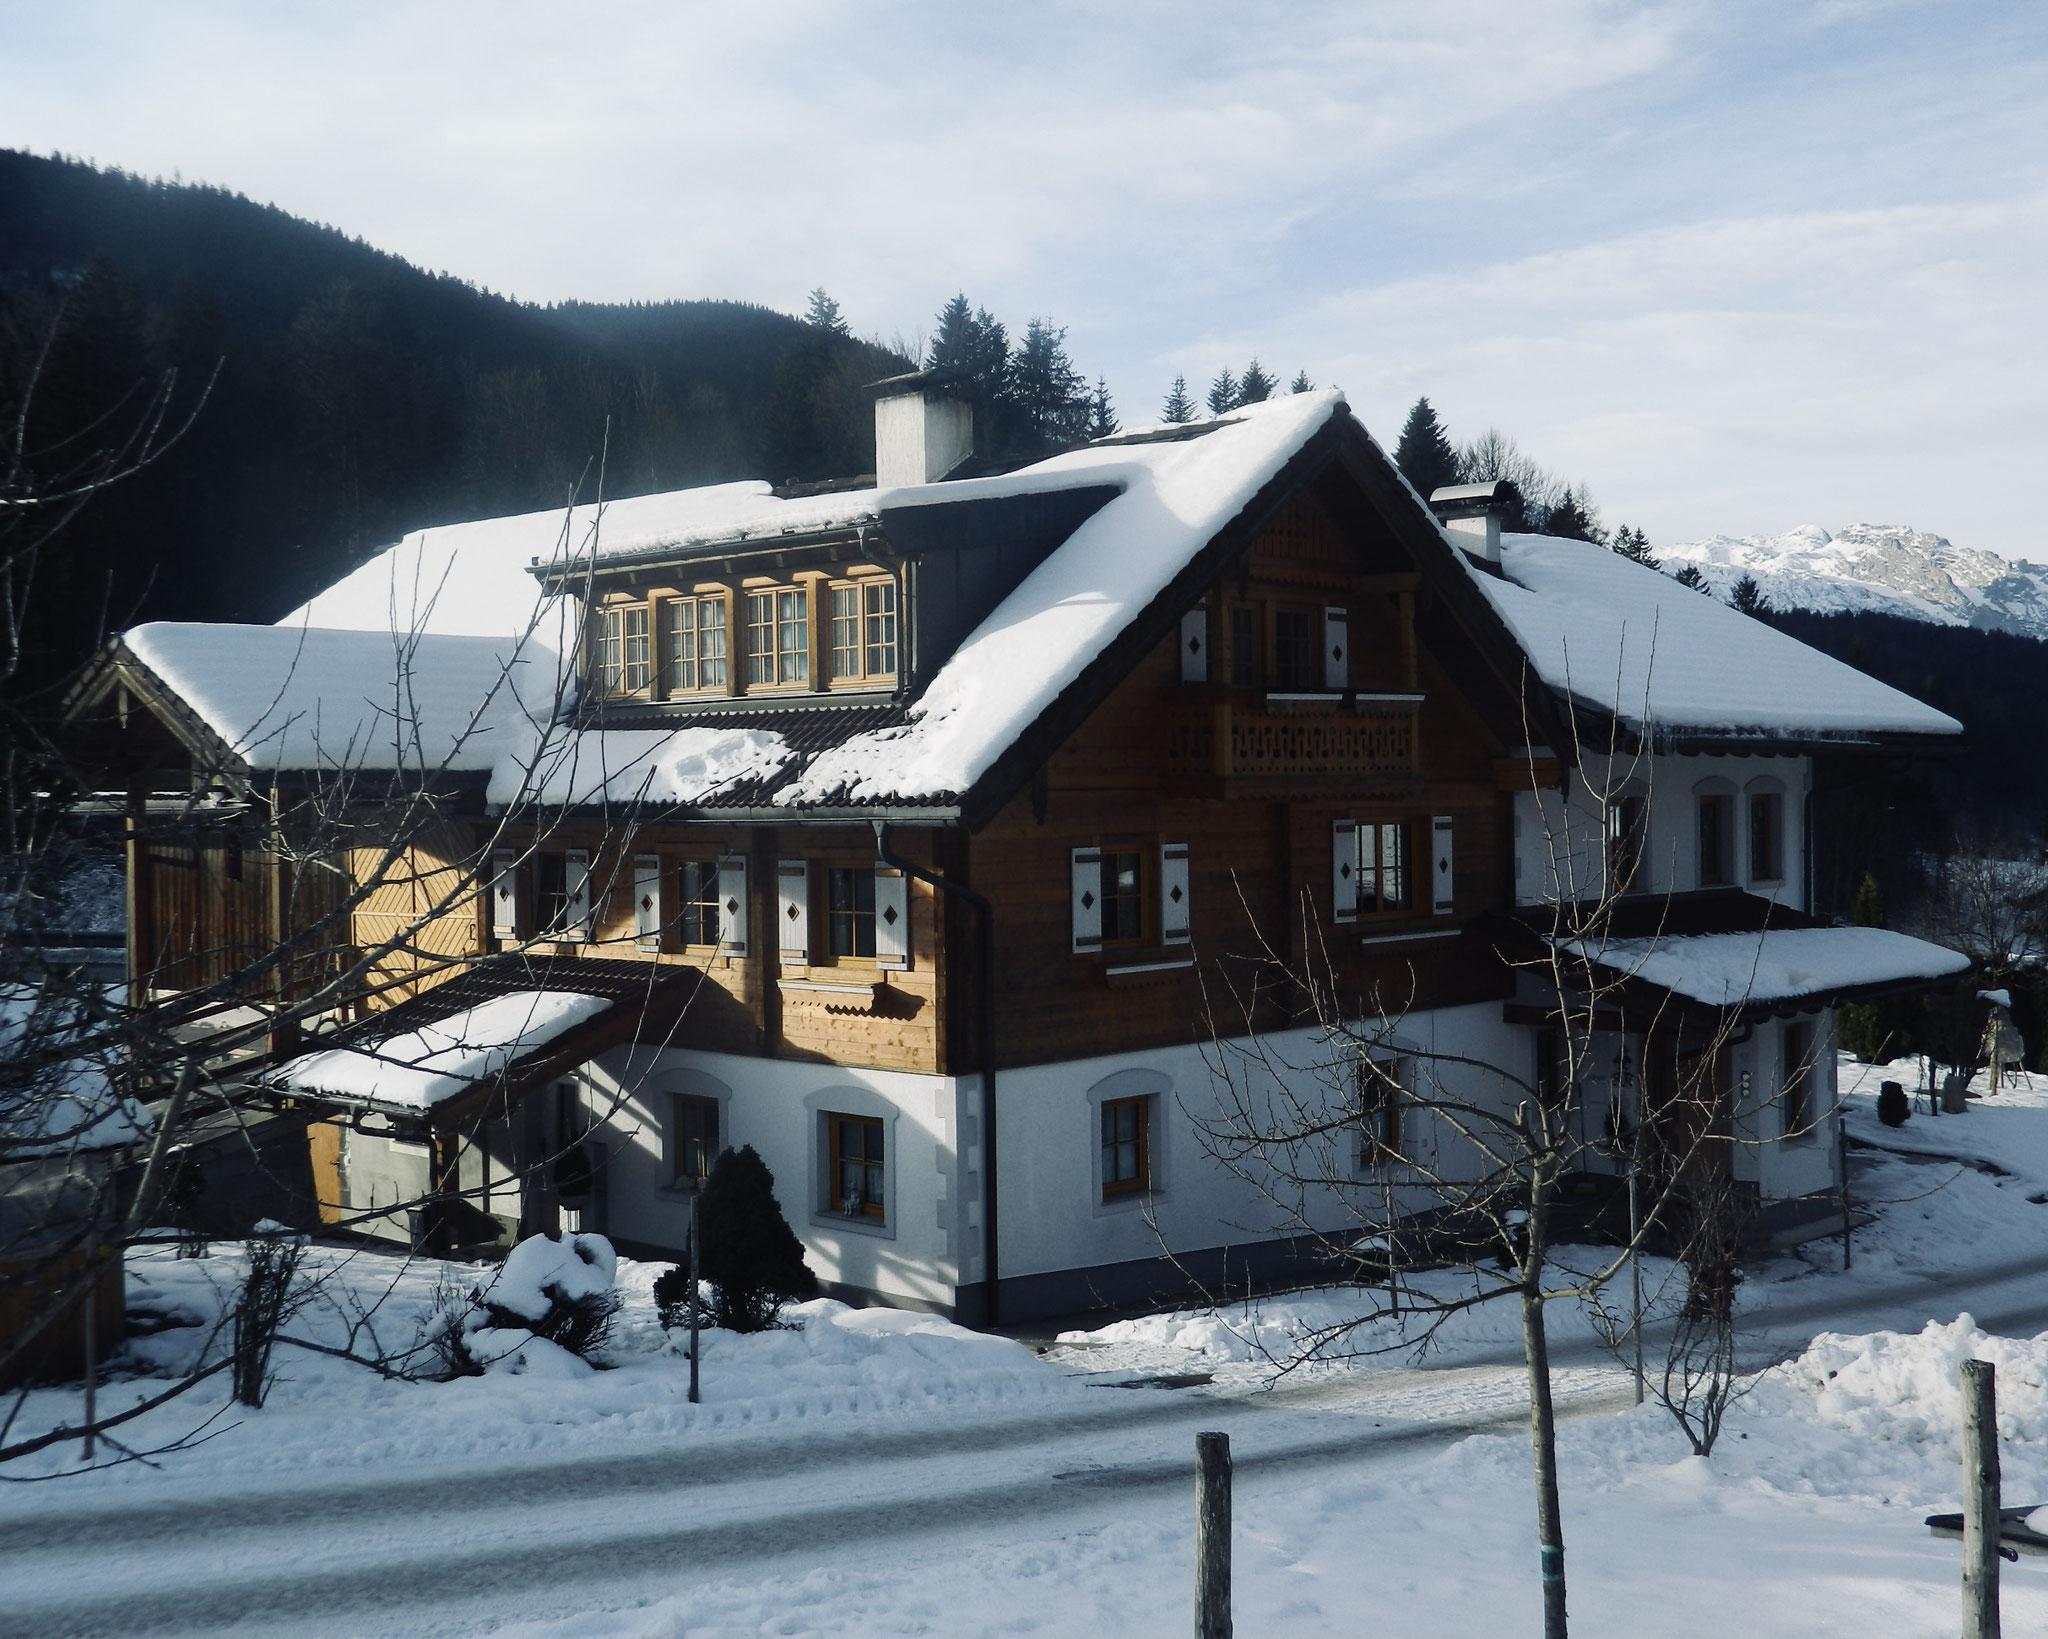 Reiters Ferienhaus